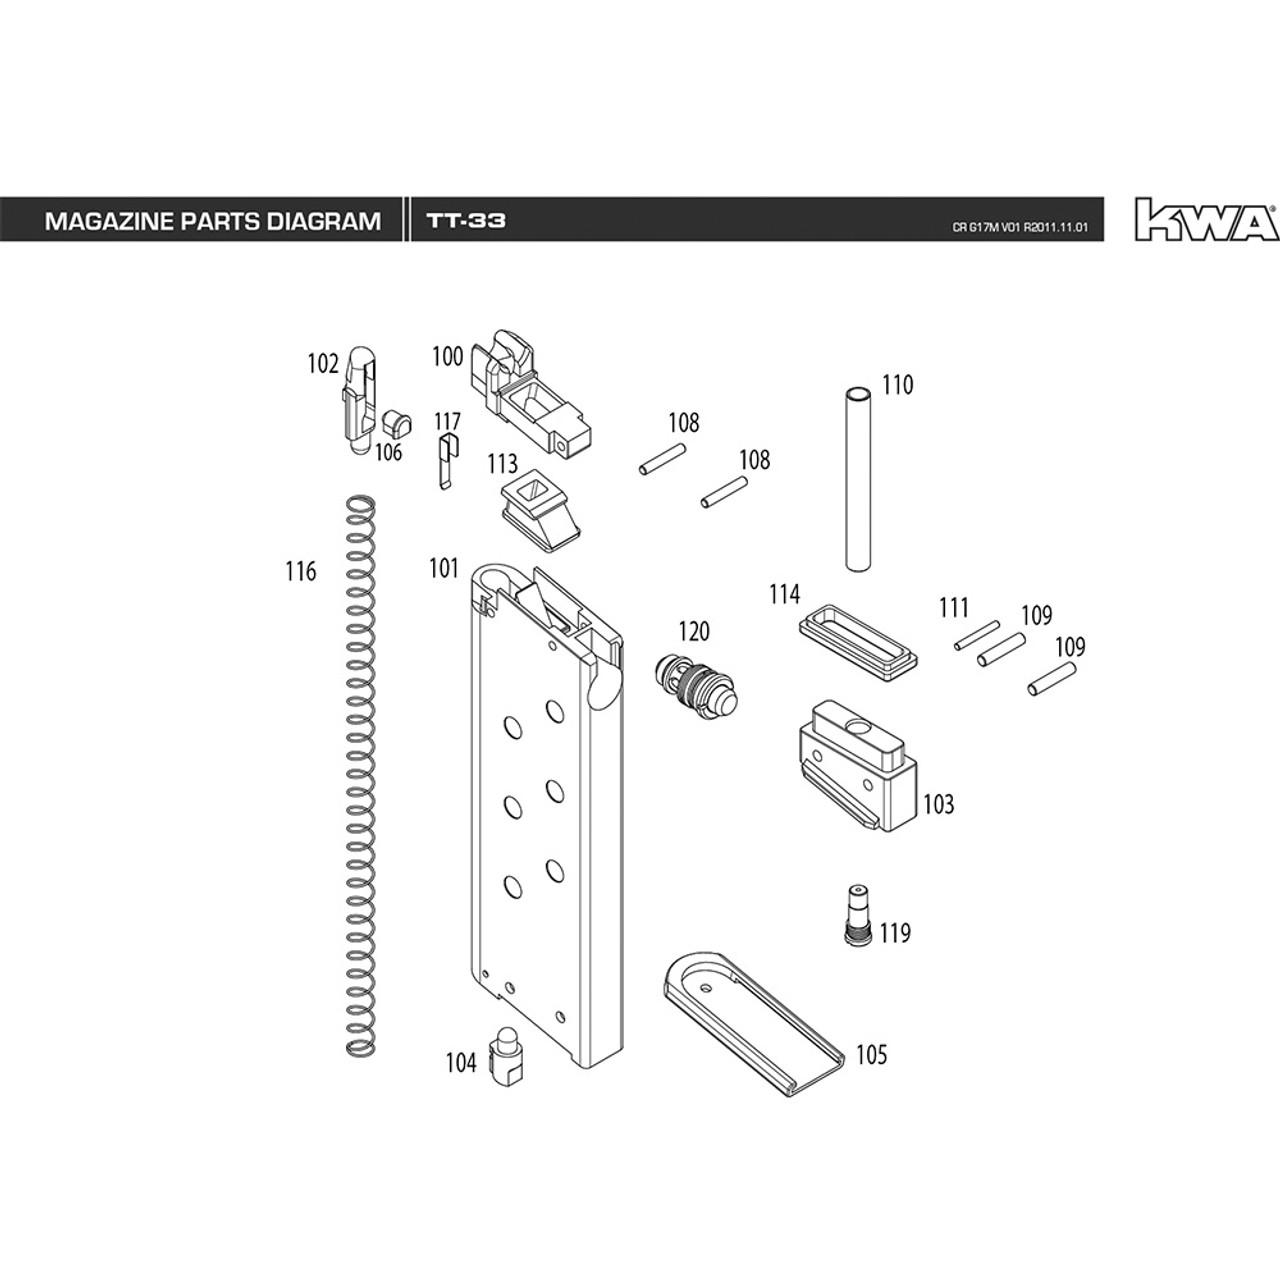 hight resolution of kwa airsoft tt 33 magazine diagram